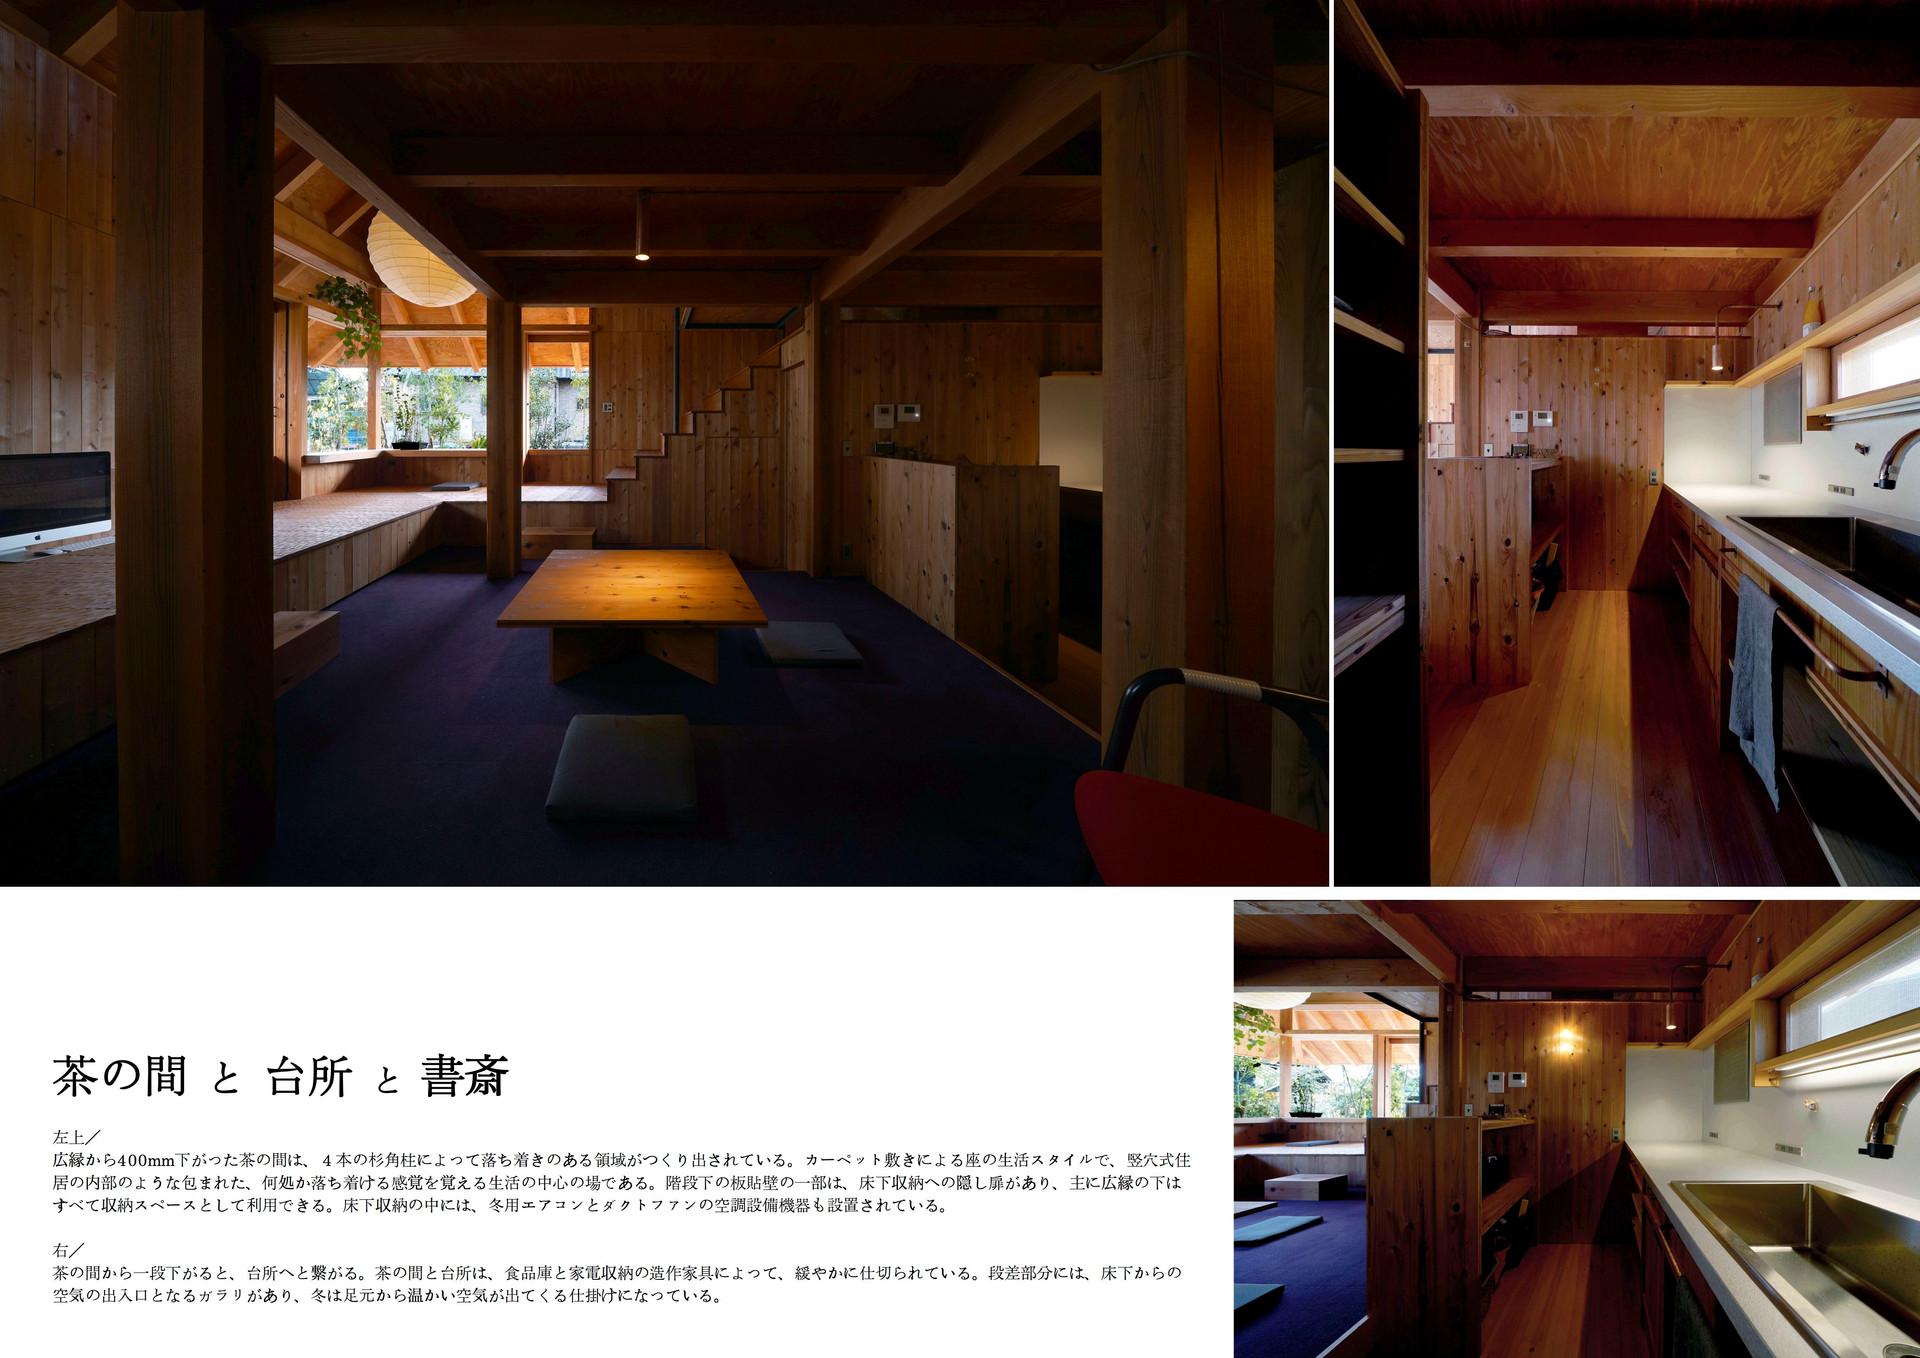 薬師田の住居13/岩間建築設計事務所.jpg